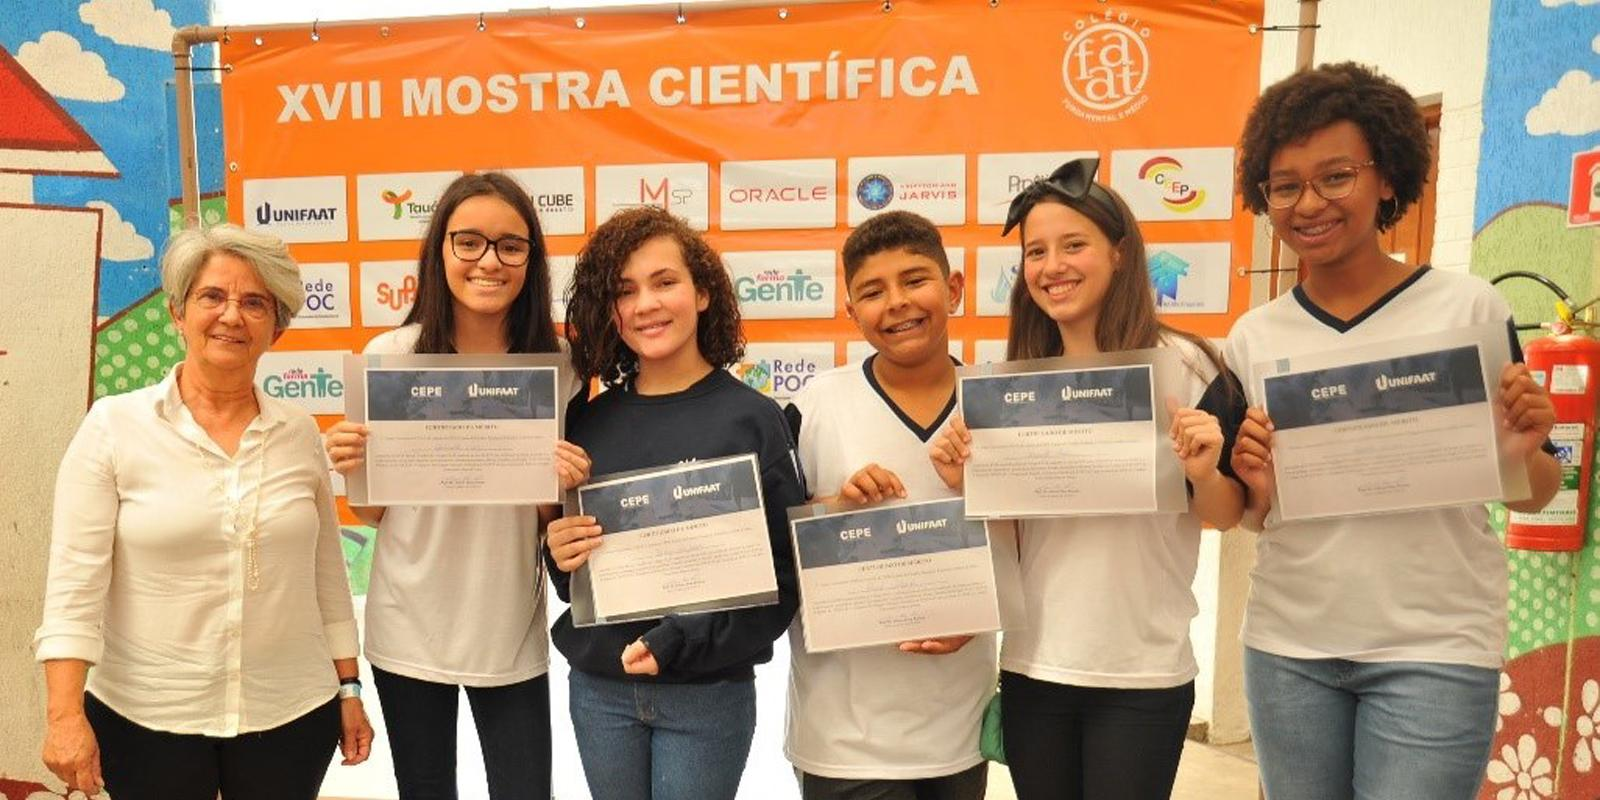 Alunos se destacam na 17ª Mostra Científica do Colégio FAAT